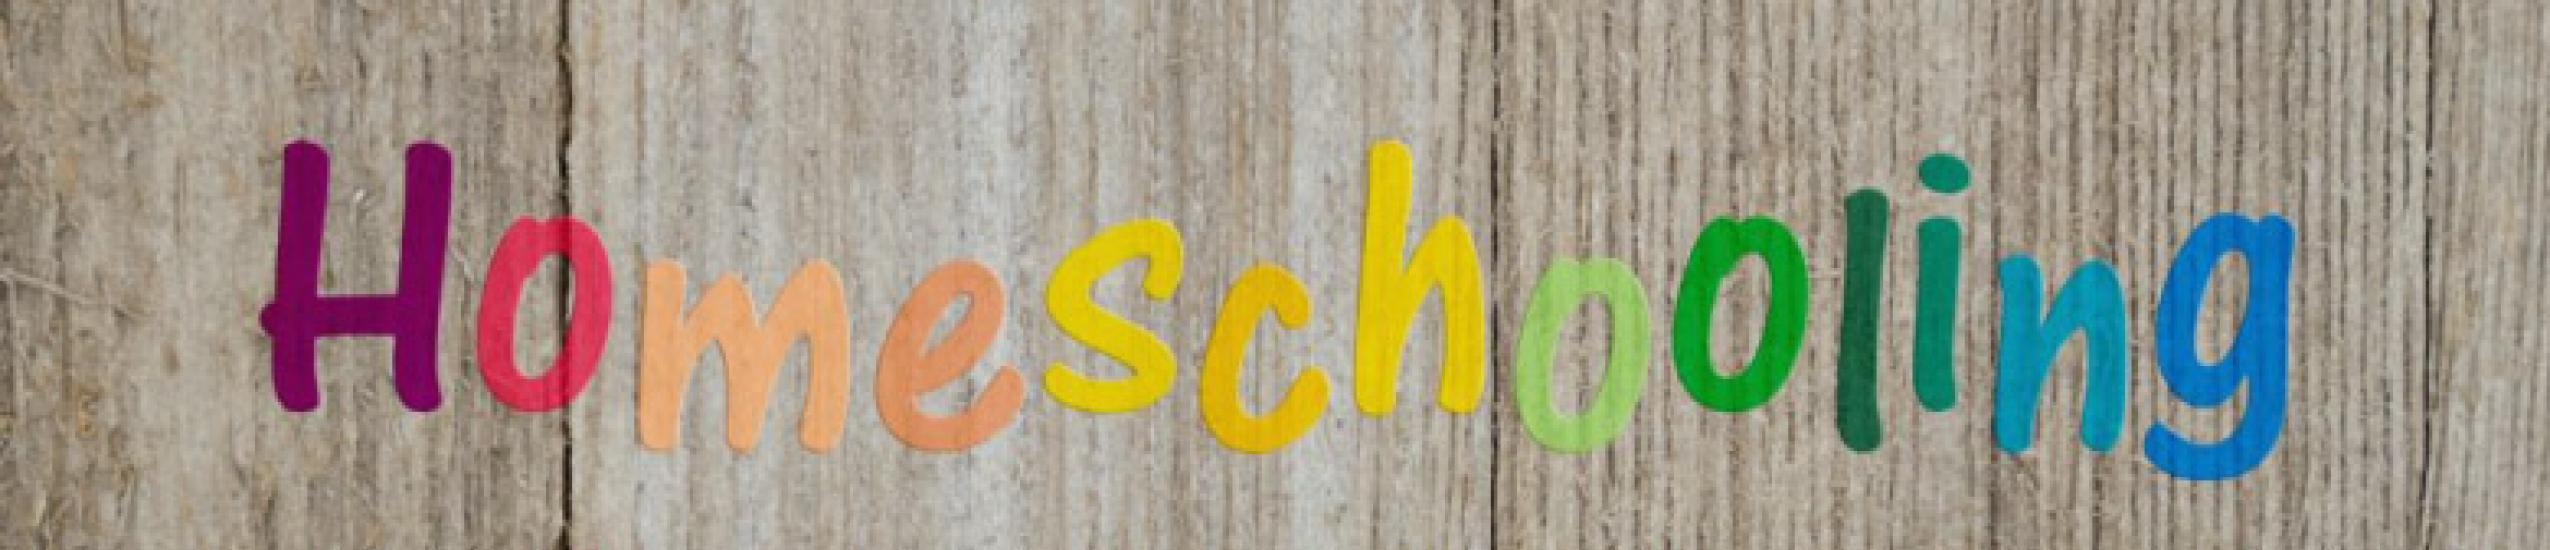 L'istruzione parentale - Home schooling